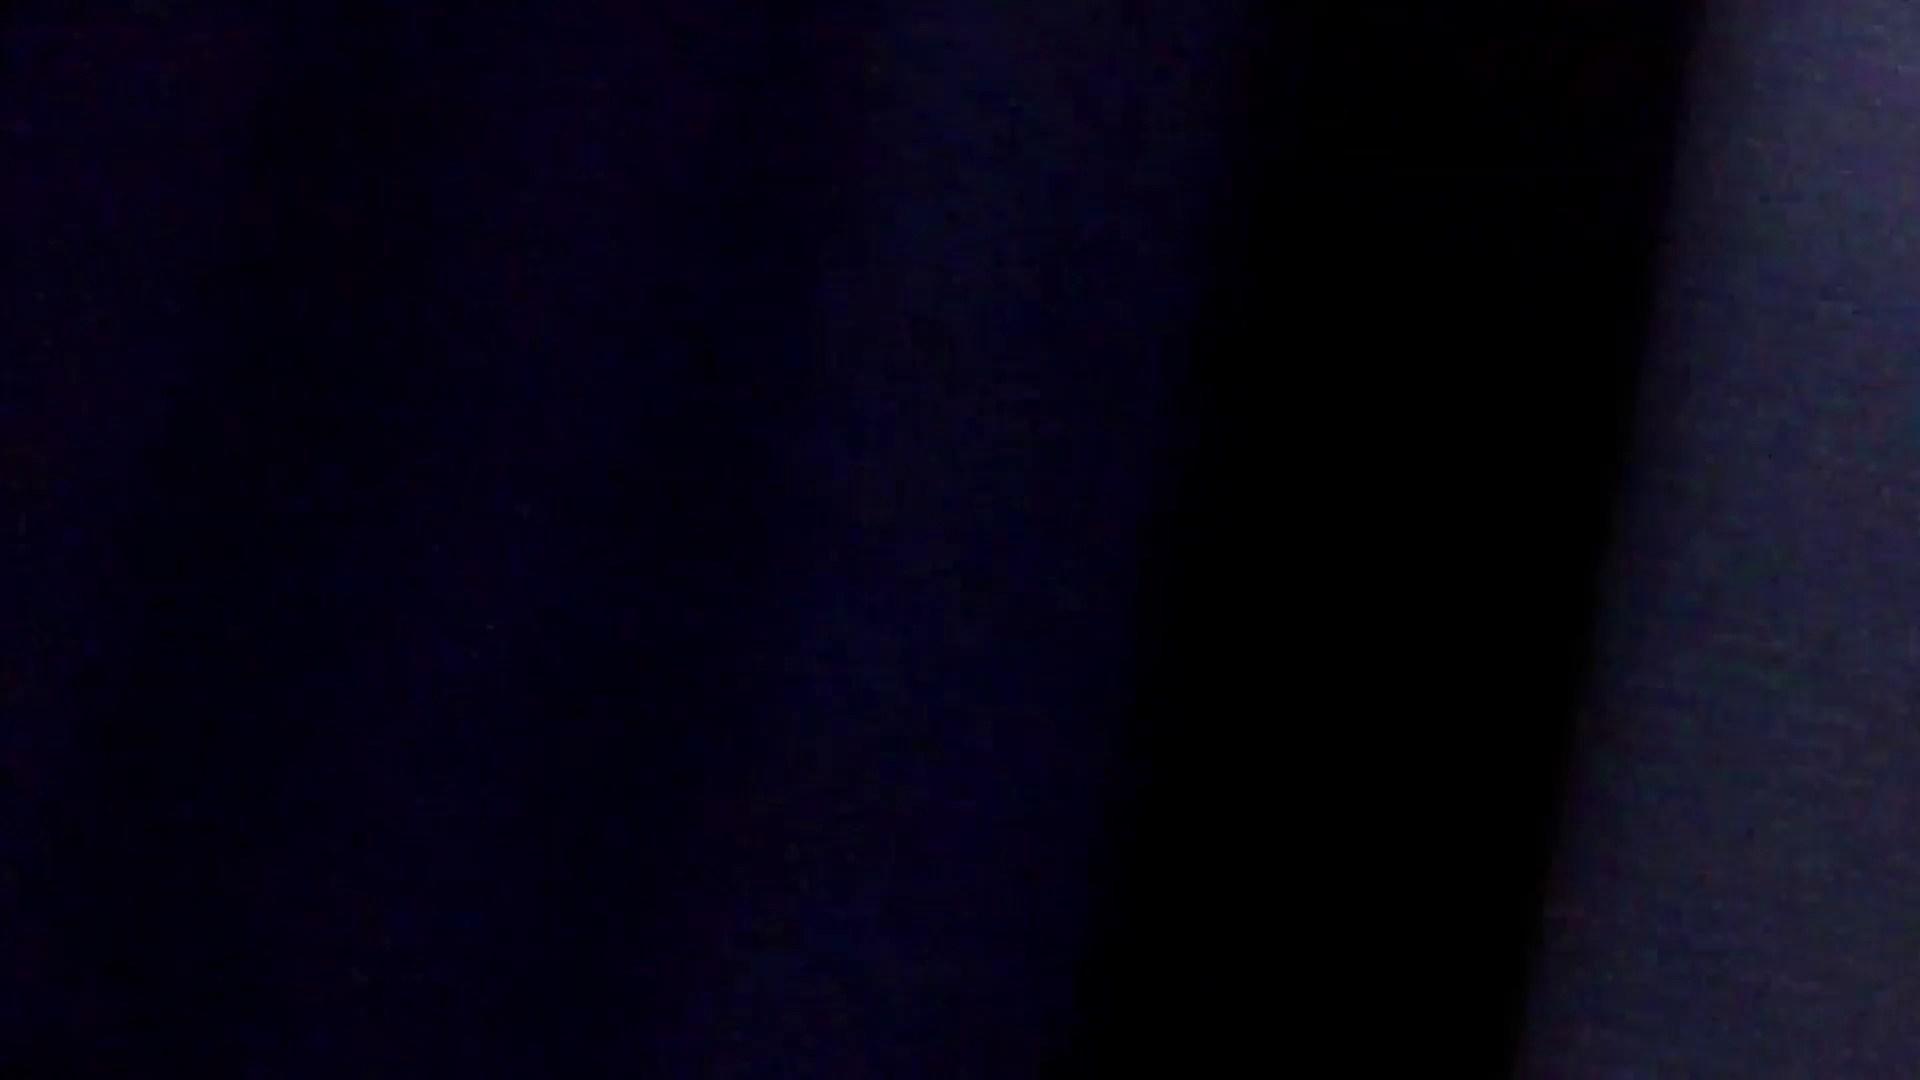 巨根 オナニー塾Vol.16 オナニー アダルトビデオ画像キャプチャ 106枚 51